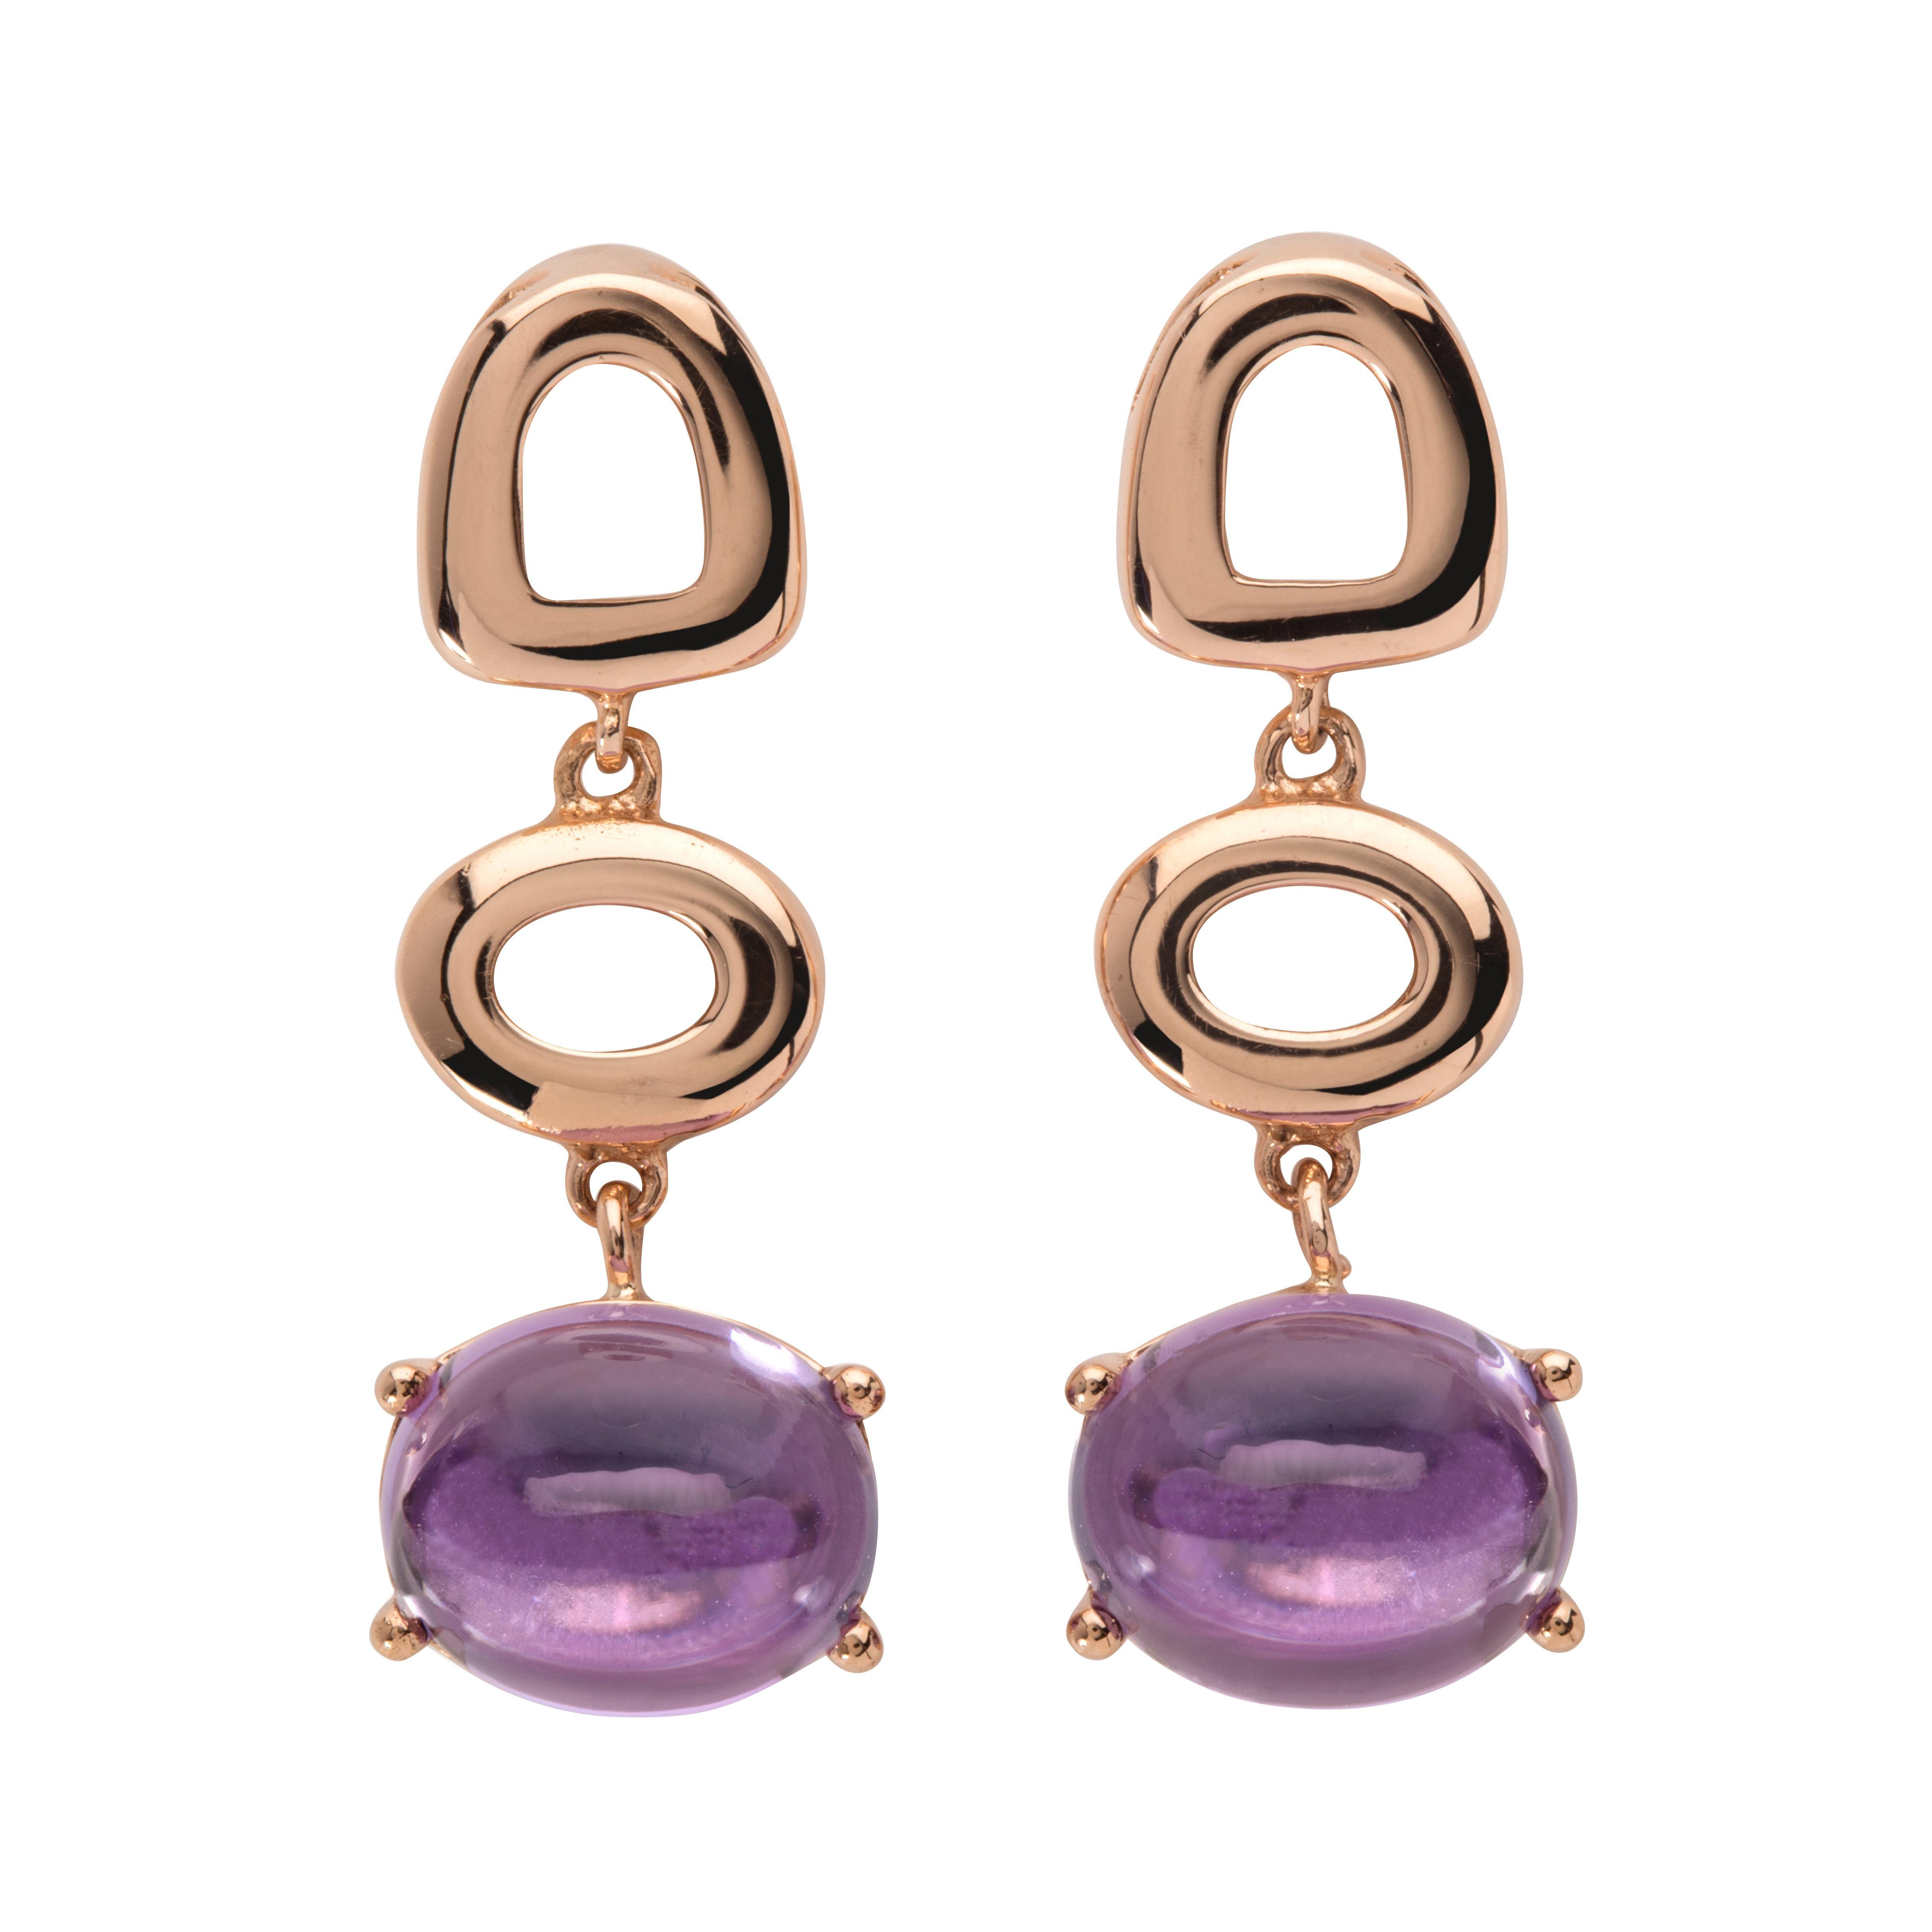 Maviada's St Tropez London Purple Amethyst 18 Karat Rose Gold Drop Long Earrings